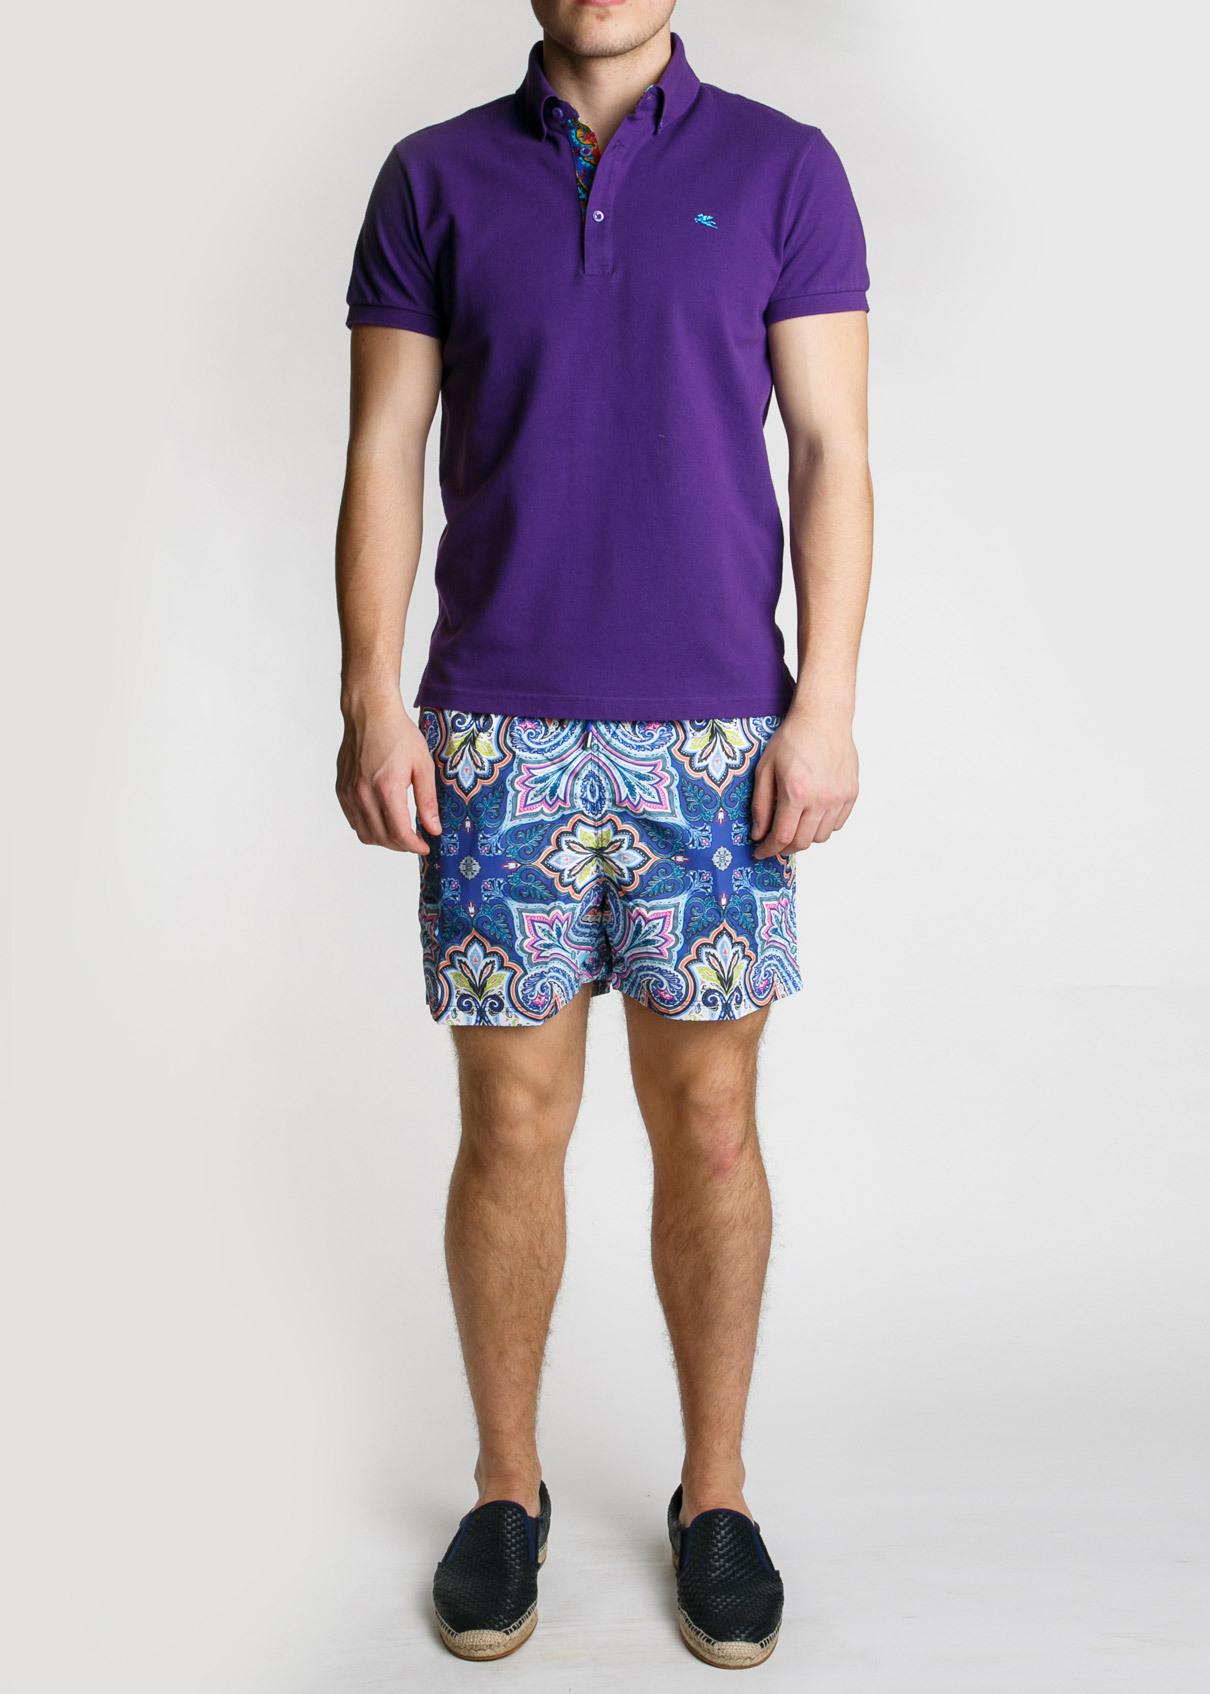 Мужская одежда весна лето доставка